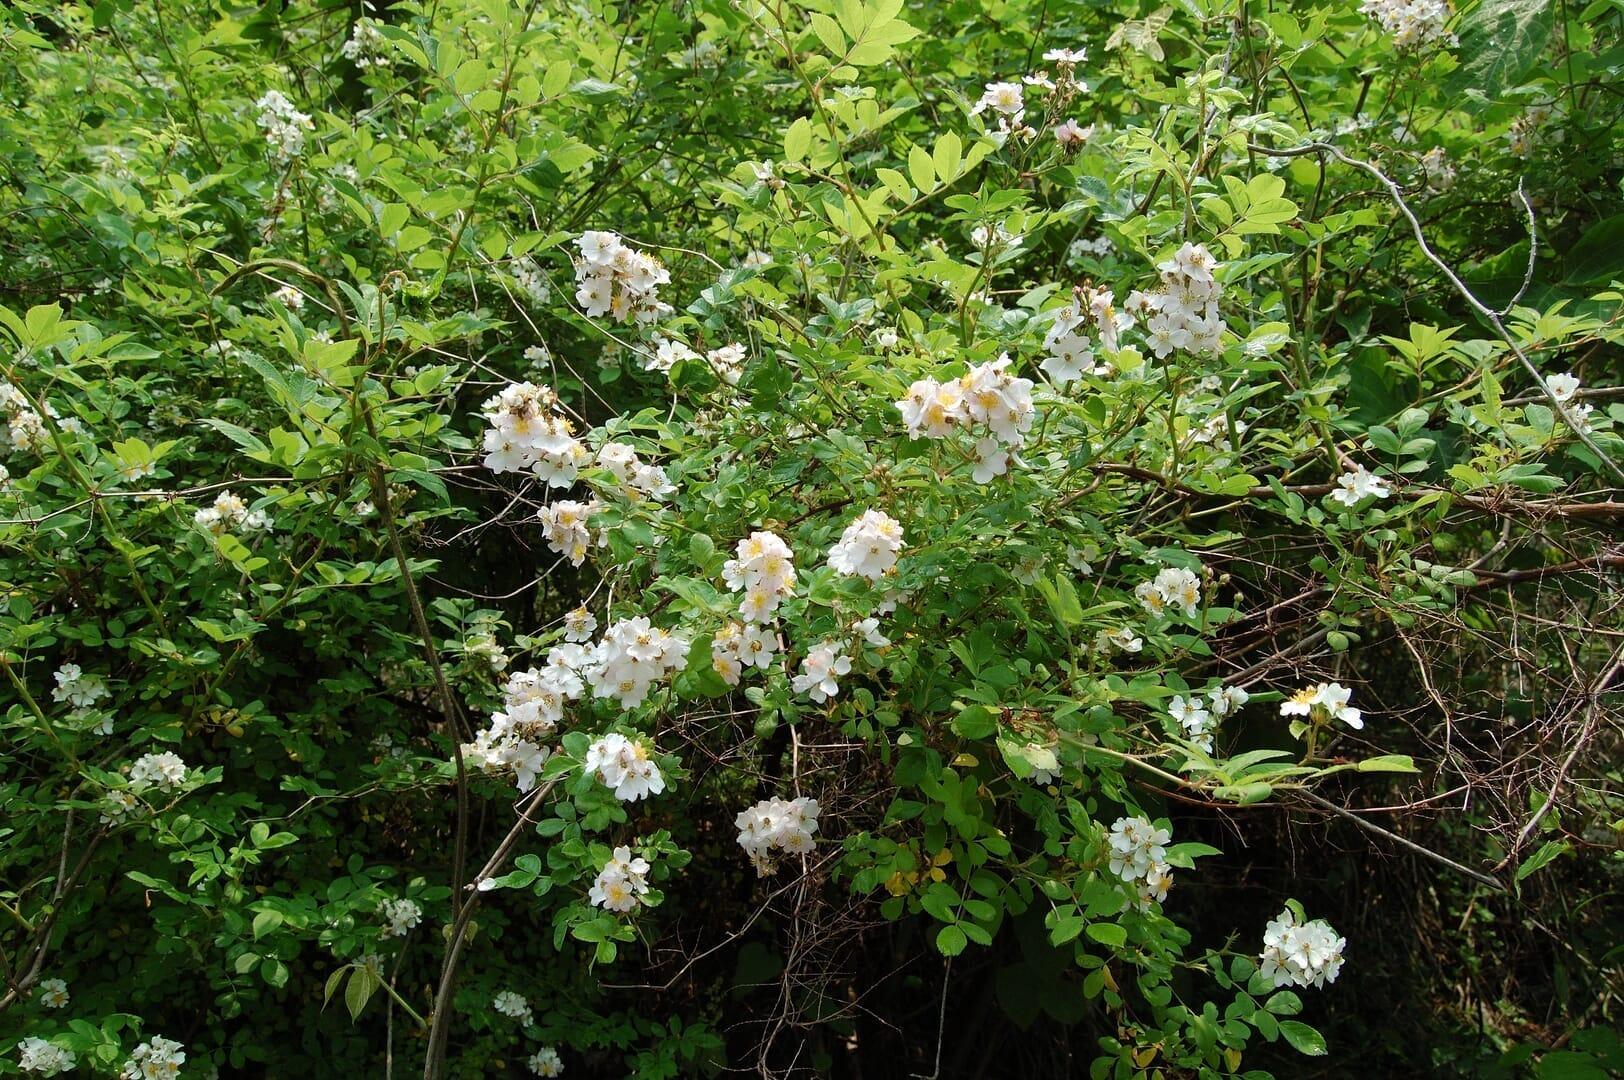 ワイルドローズの近縁種で日本に自生するノイバラ